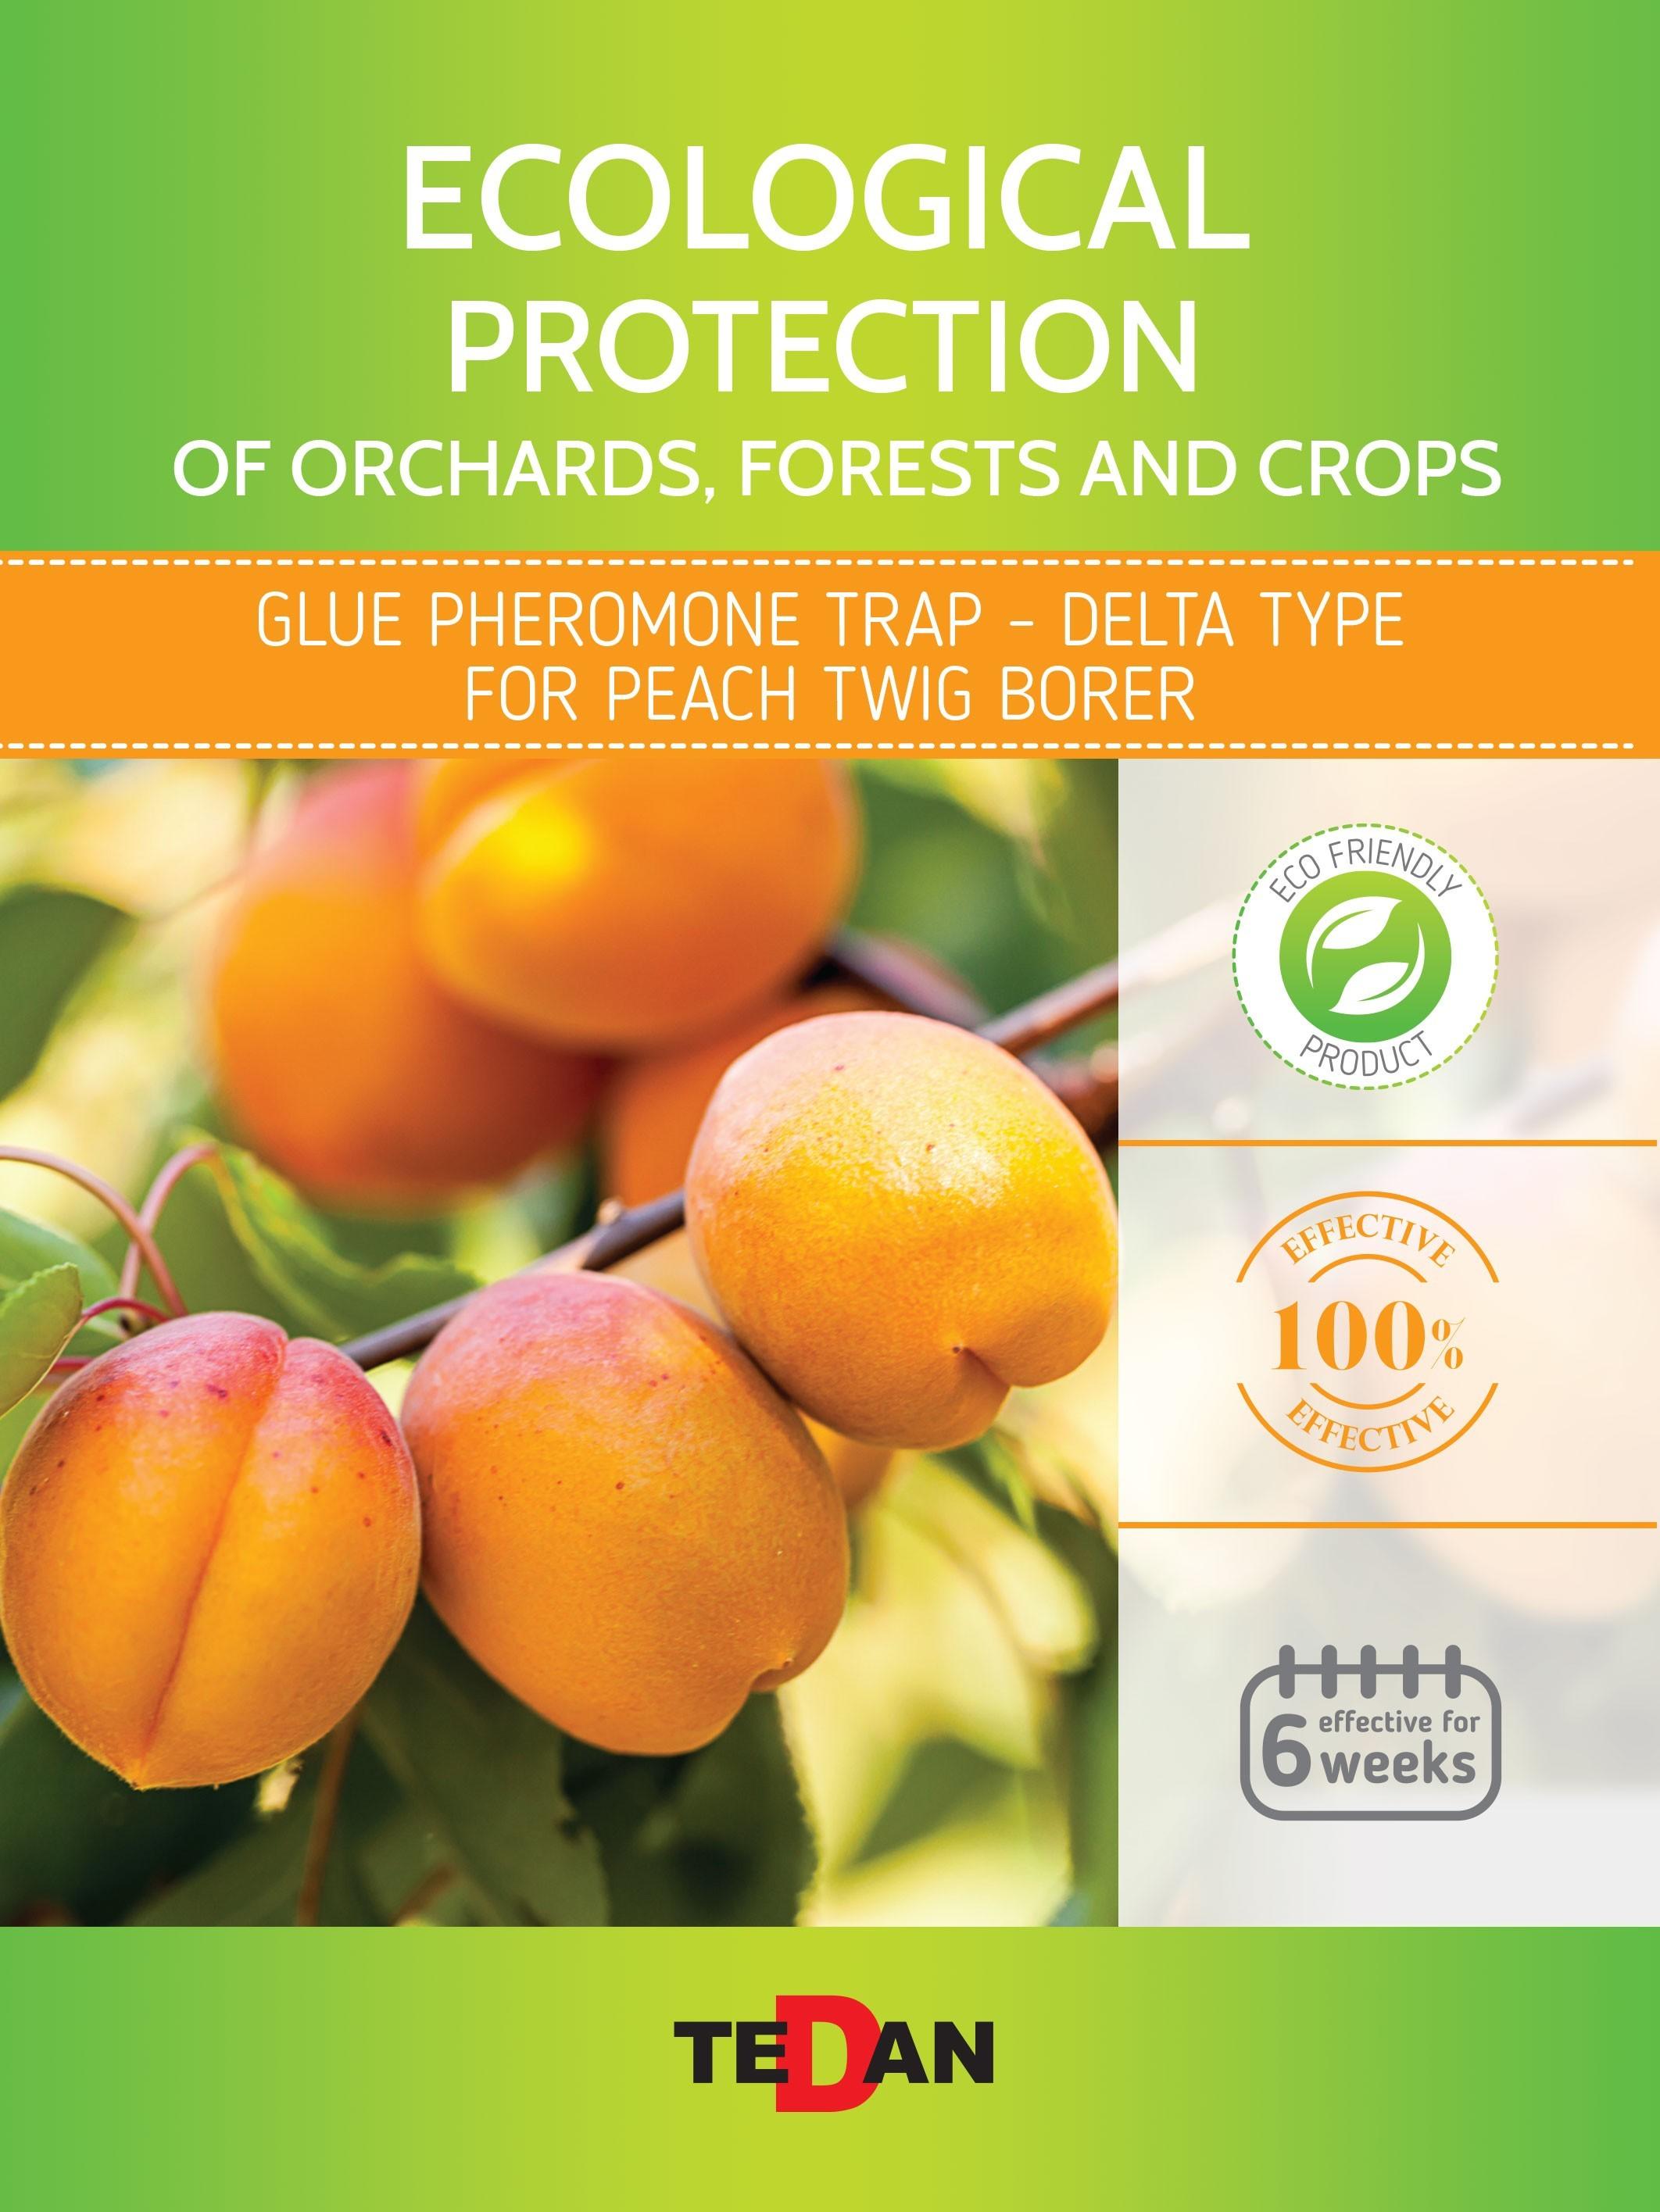 Glue pheromone trap - delta type for peach twig borer (Anarsia lineatella)